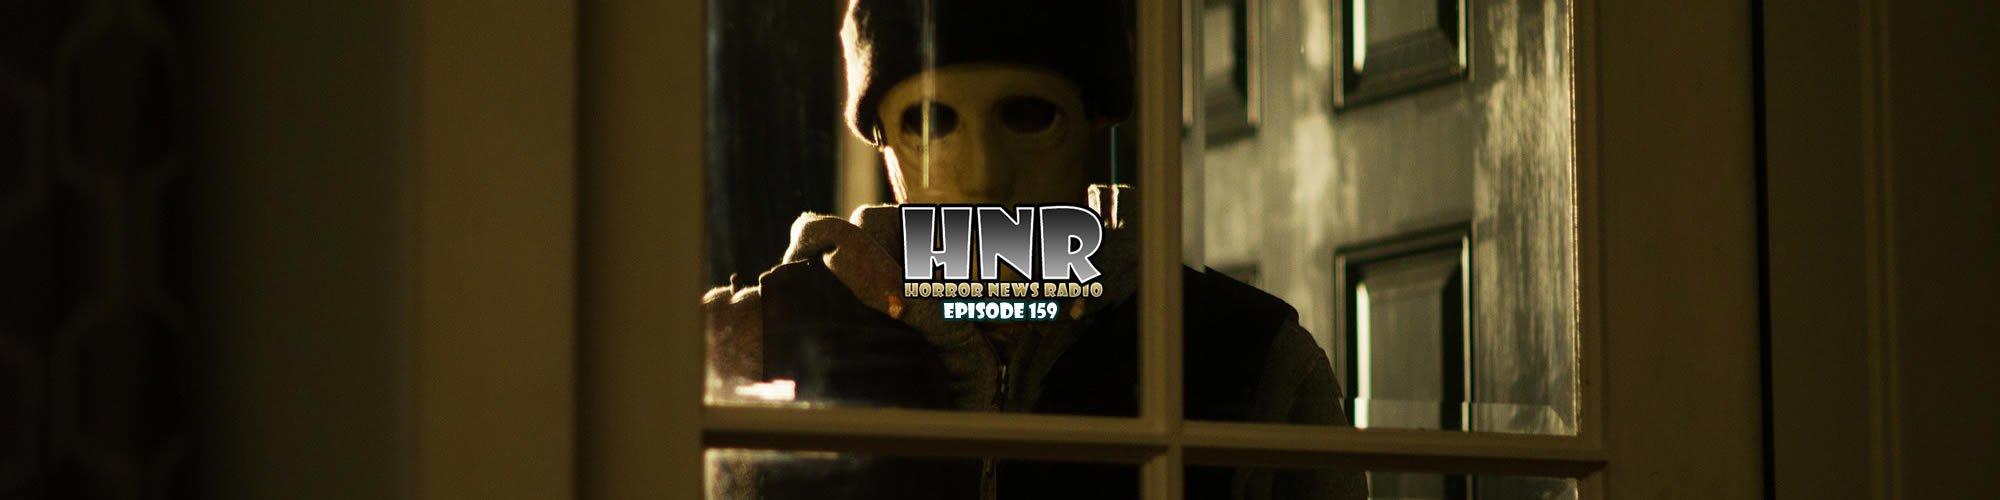 HNRSiteBanner159